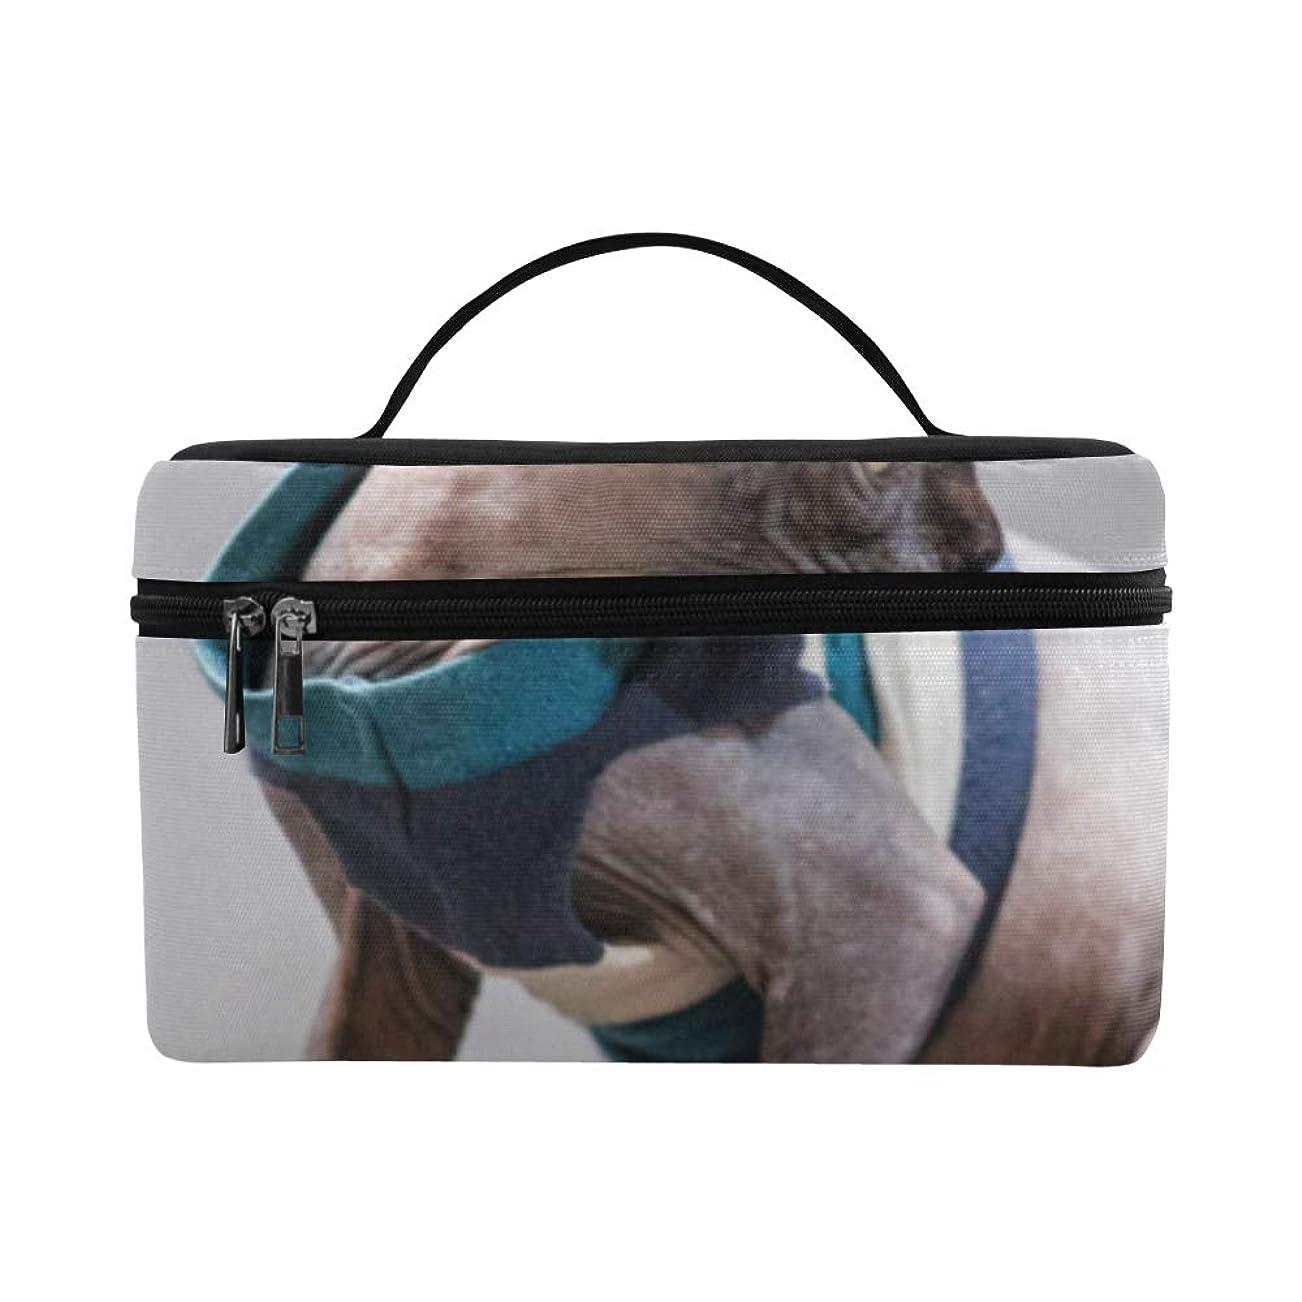 振動させる廃棄する画面CKYHYC メイクボックス すばやい スフィンクス猫 コスメ収納 化粧品収納ケース 大容量 収納ボックス 化粧品入れ 化粧バッグ 旅行用 メイクブラシバッグ 化粧箱 持ち運び便利 プロ用